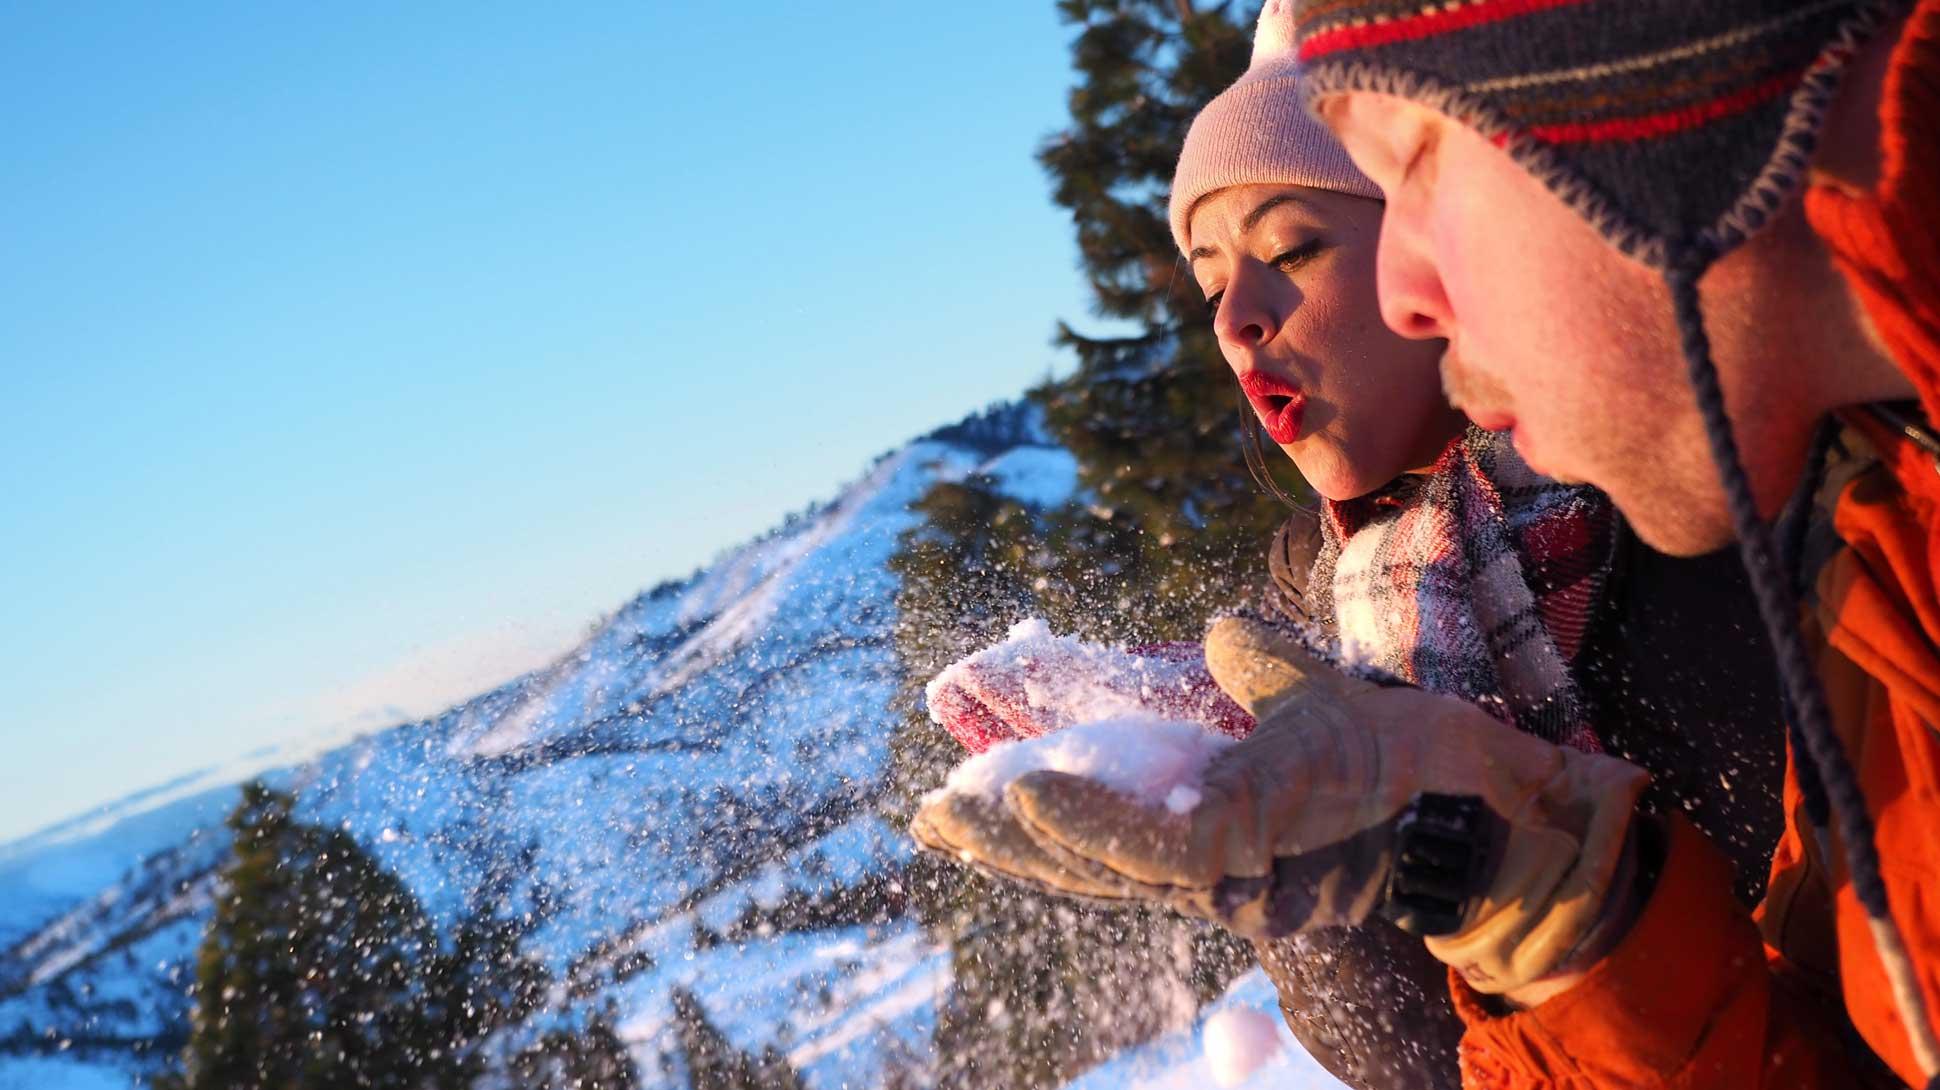 Российские или заграничные курорты: что выбрать для отдыха на Новый год 2020